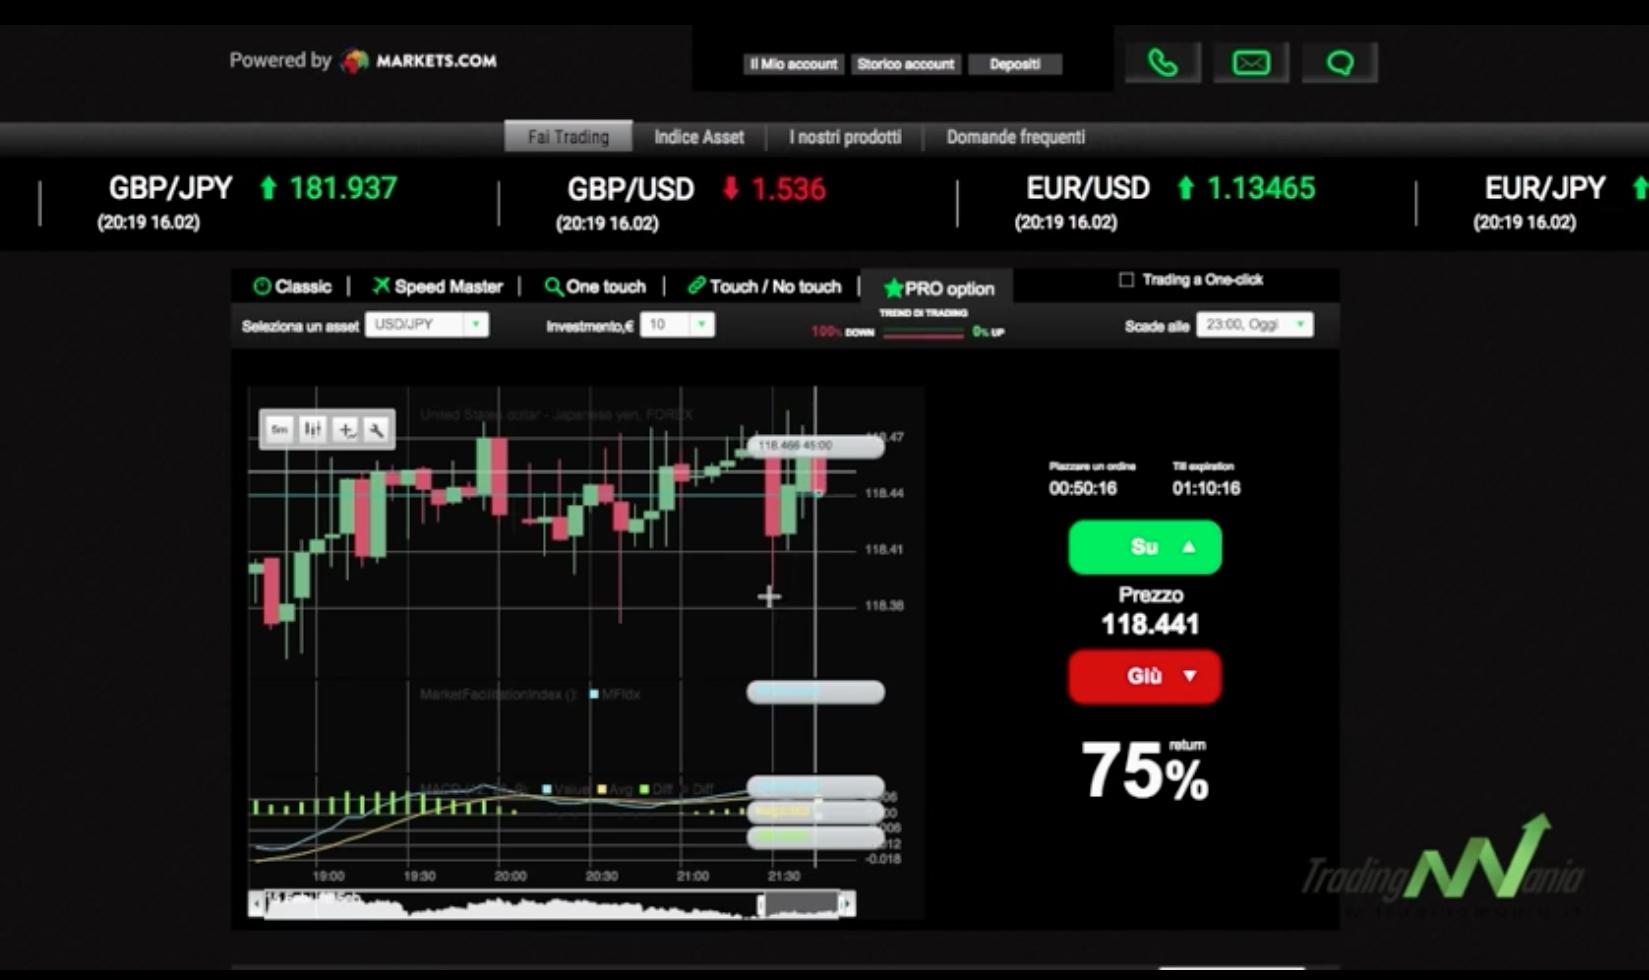 Imparare con i tutorial per il trading opzioni